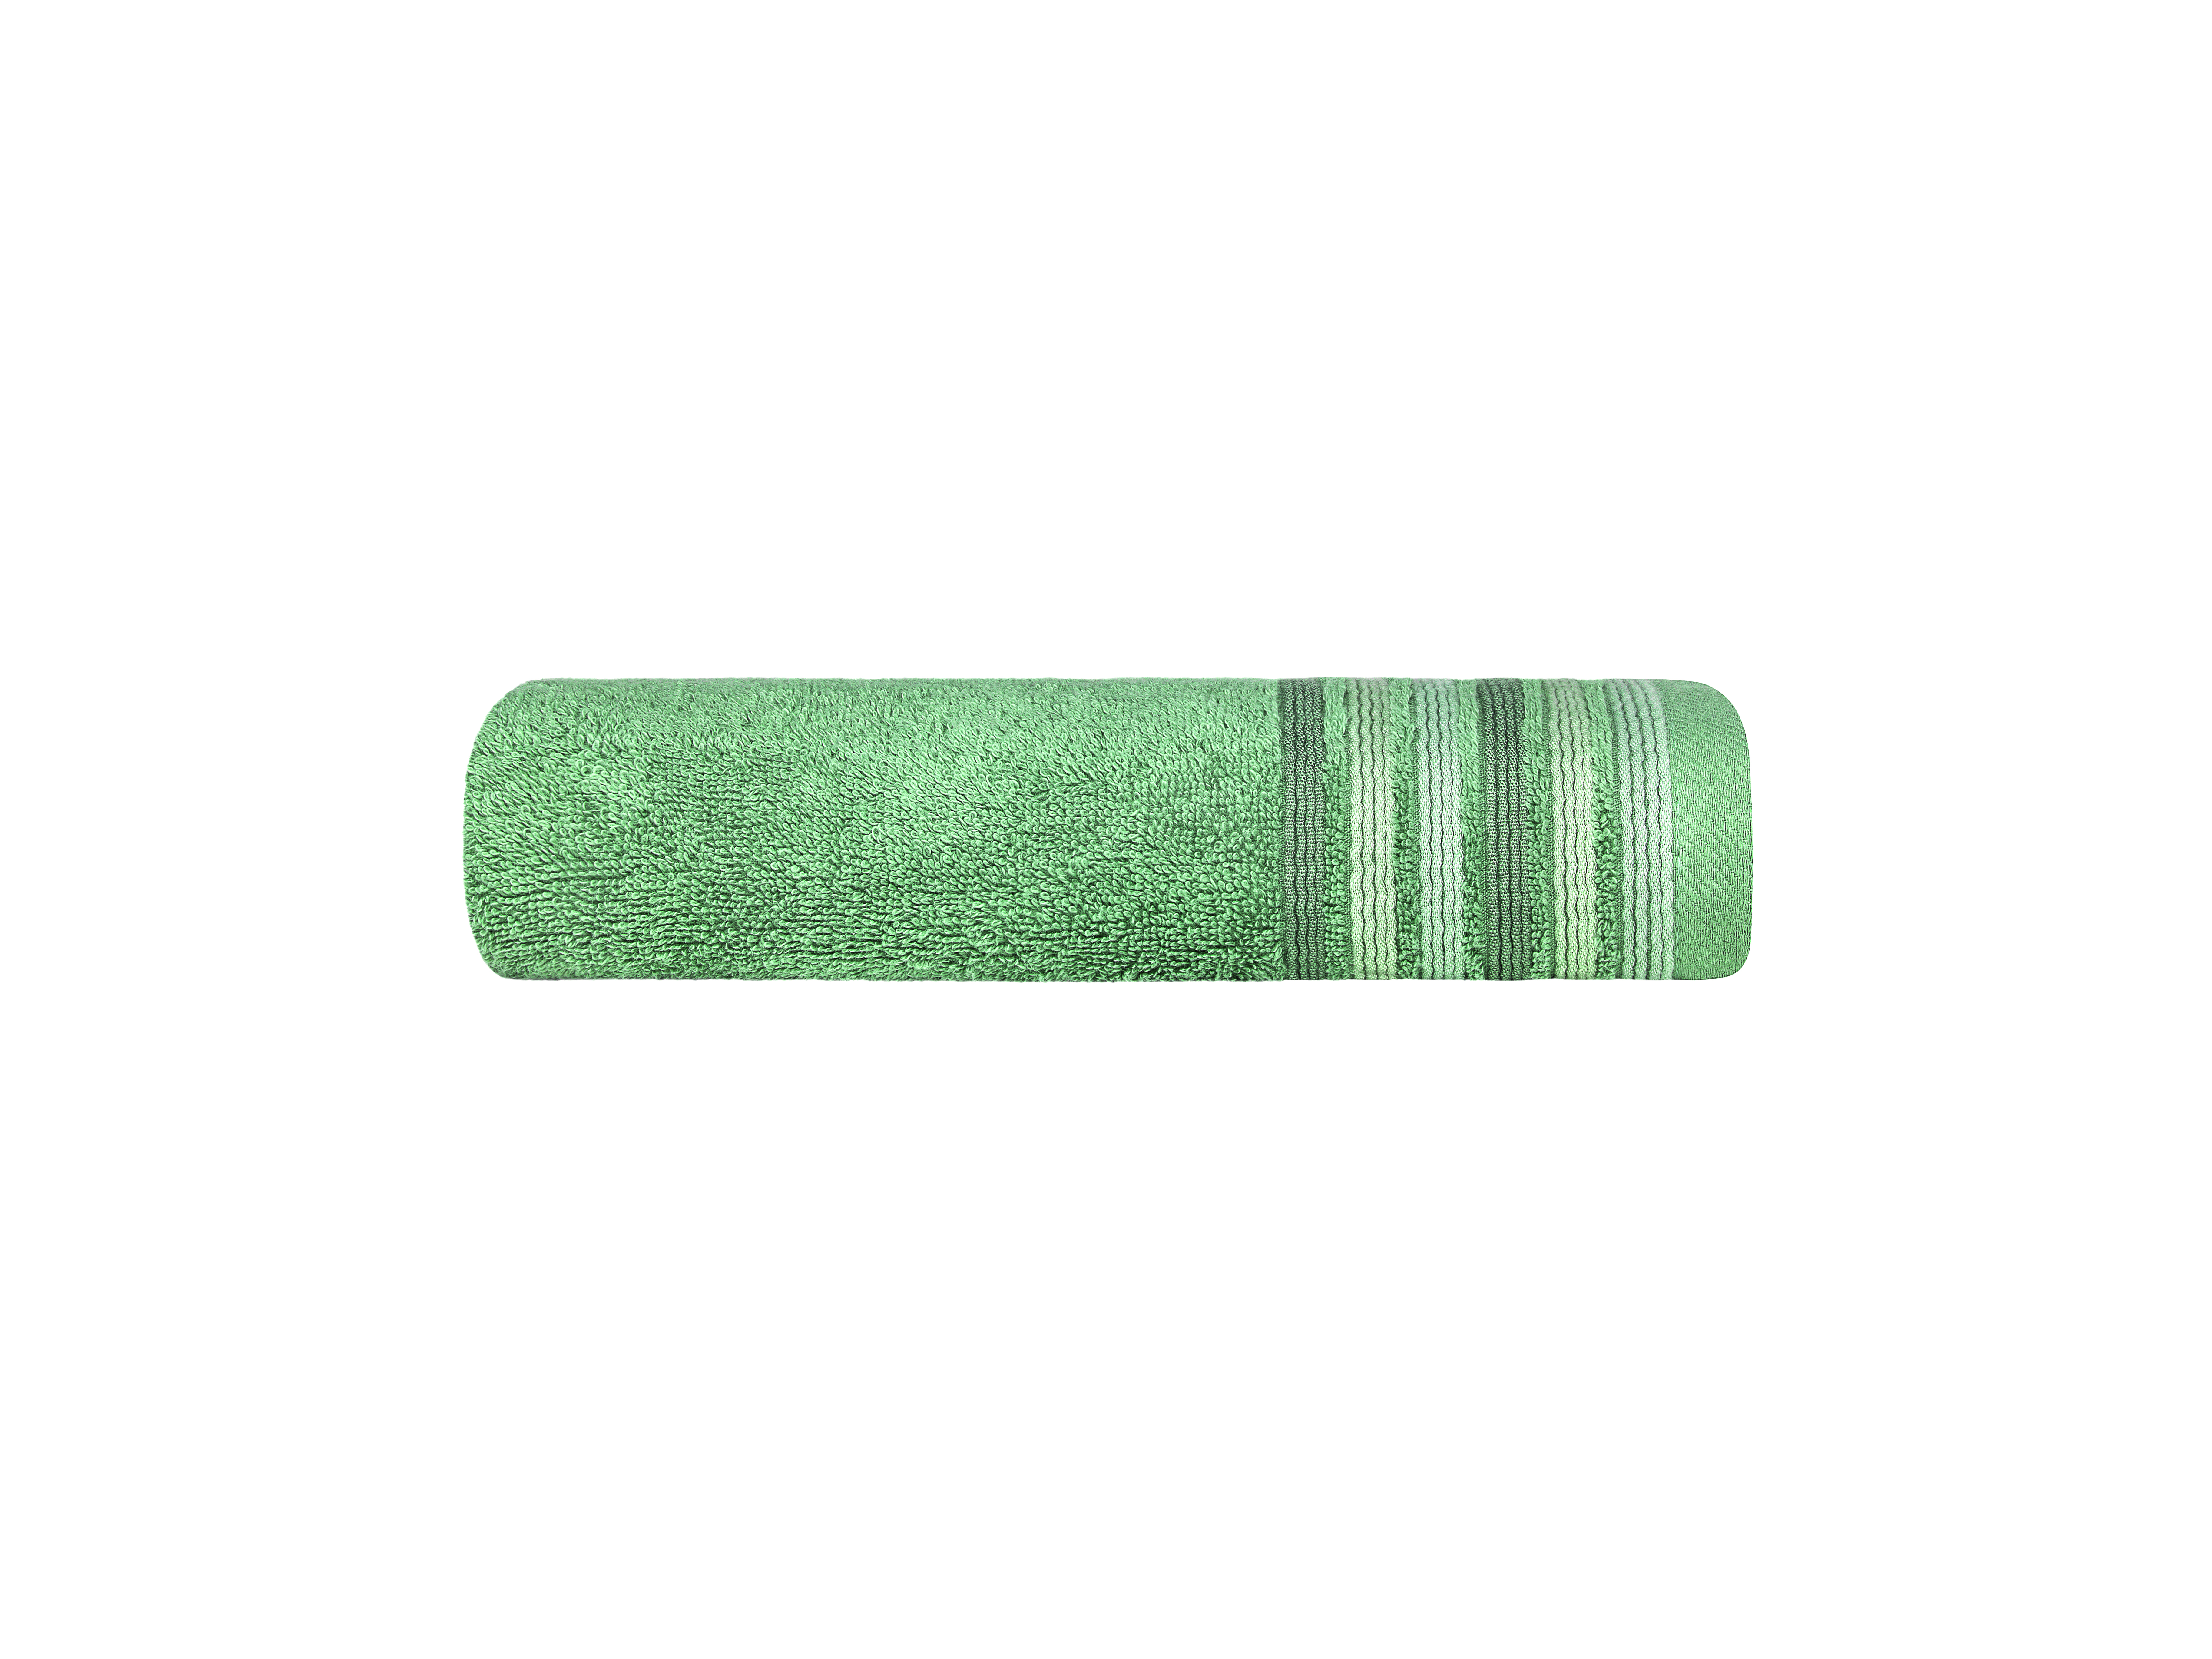 Купить Полотенца ESTIA, Полотенце Эспозито Цвет: Зеленый (50х100 см), Греция, Махра